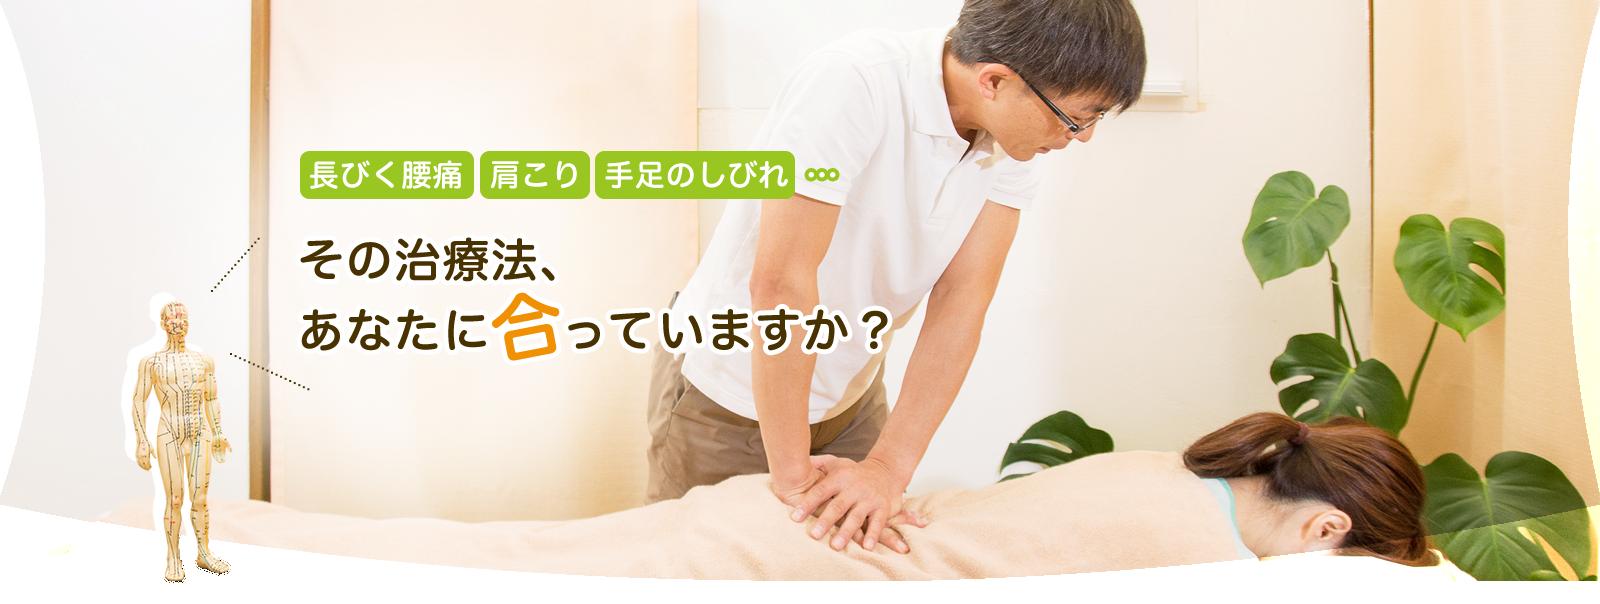 長引く腰痛、肩こり、手足のしびれ… その整体・治療法、あなたに合っていますか?